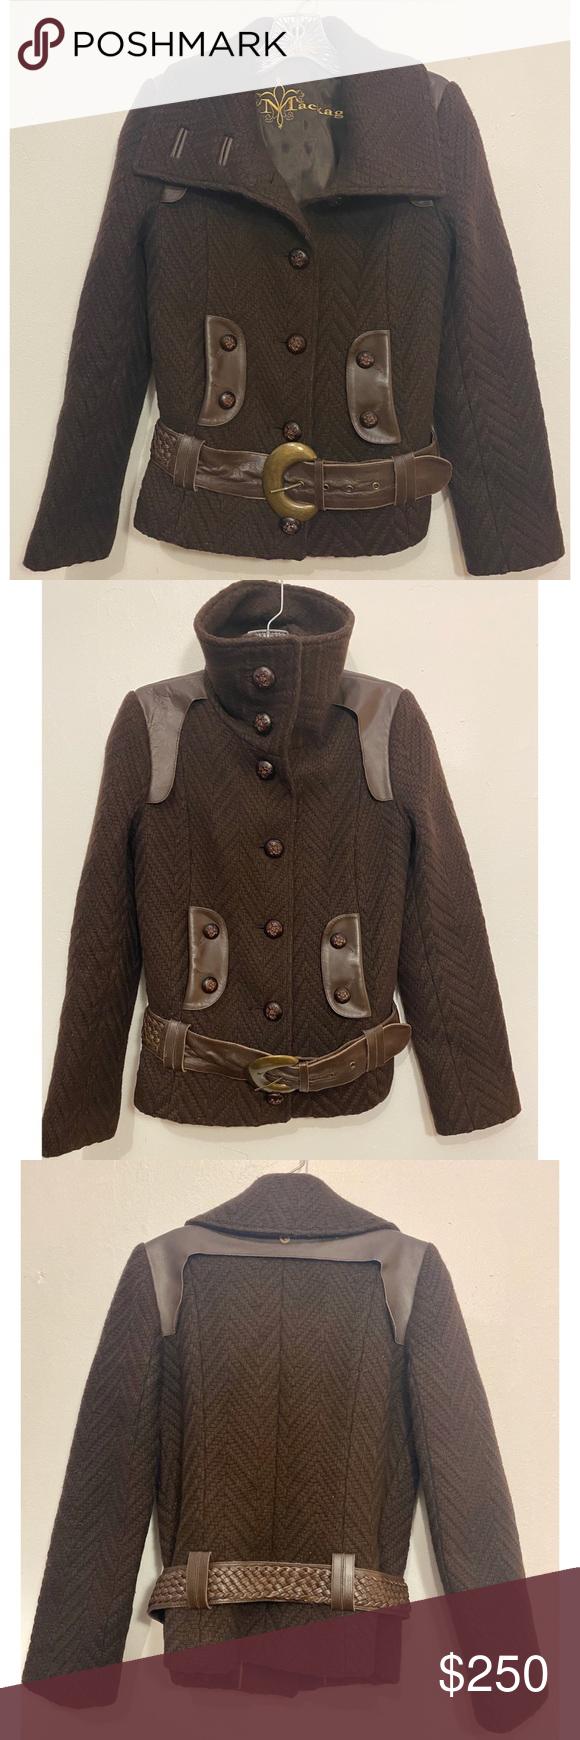 Mackage Brown Wool Coat w Leather Detailing & Belt Very